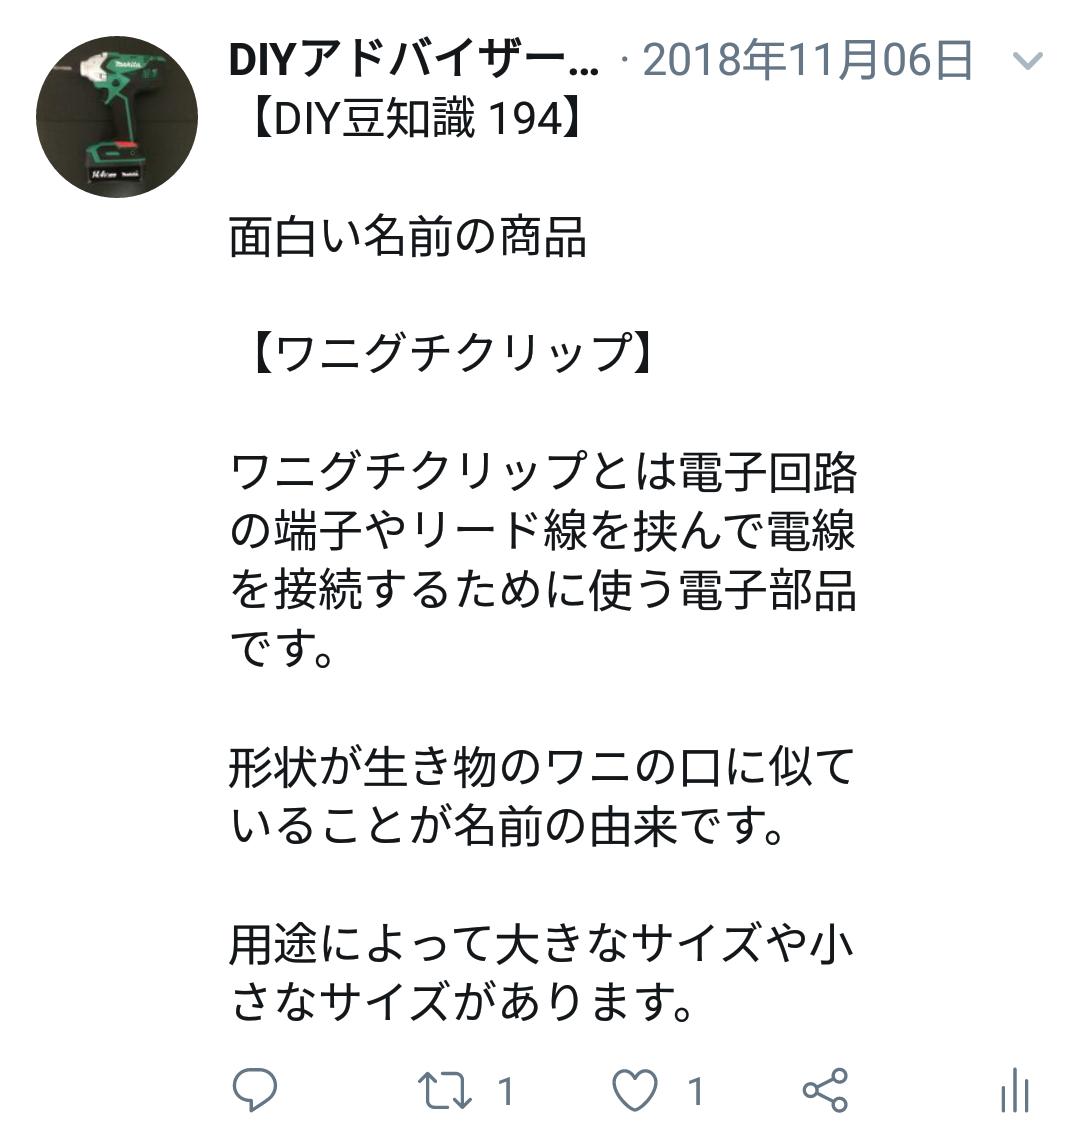 f:id:DIY33:20190407230121p:plain